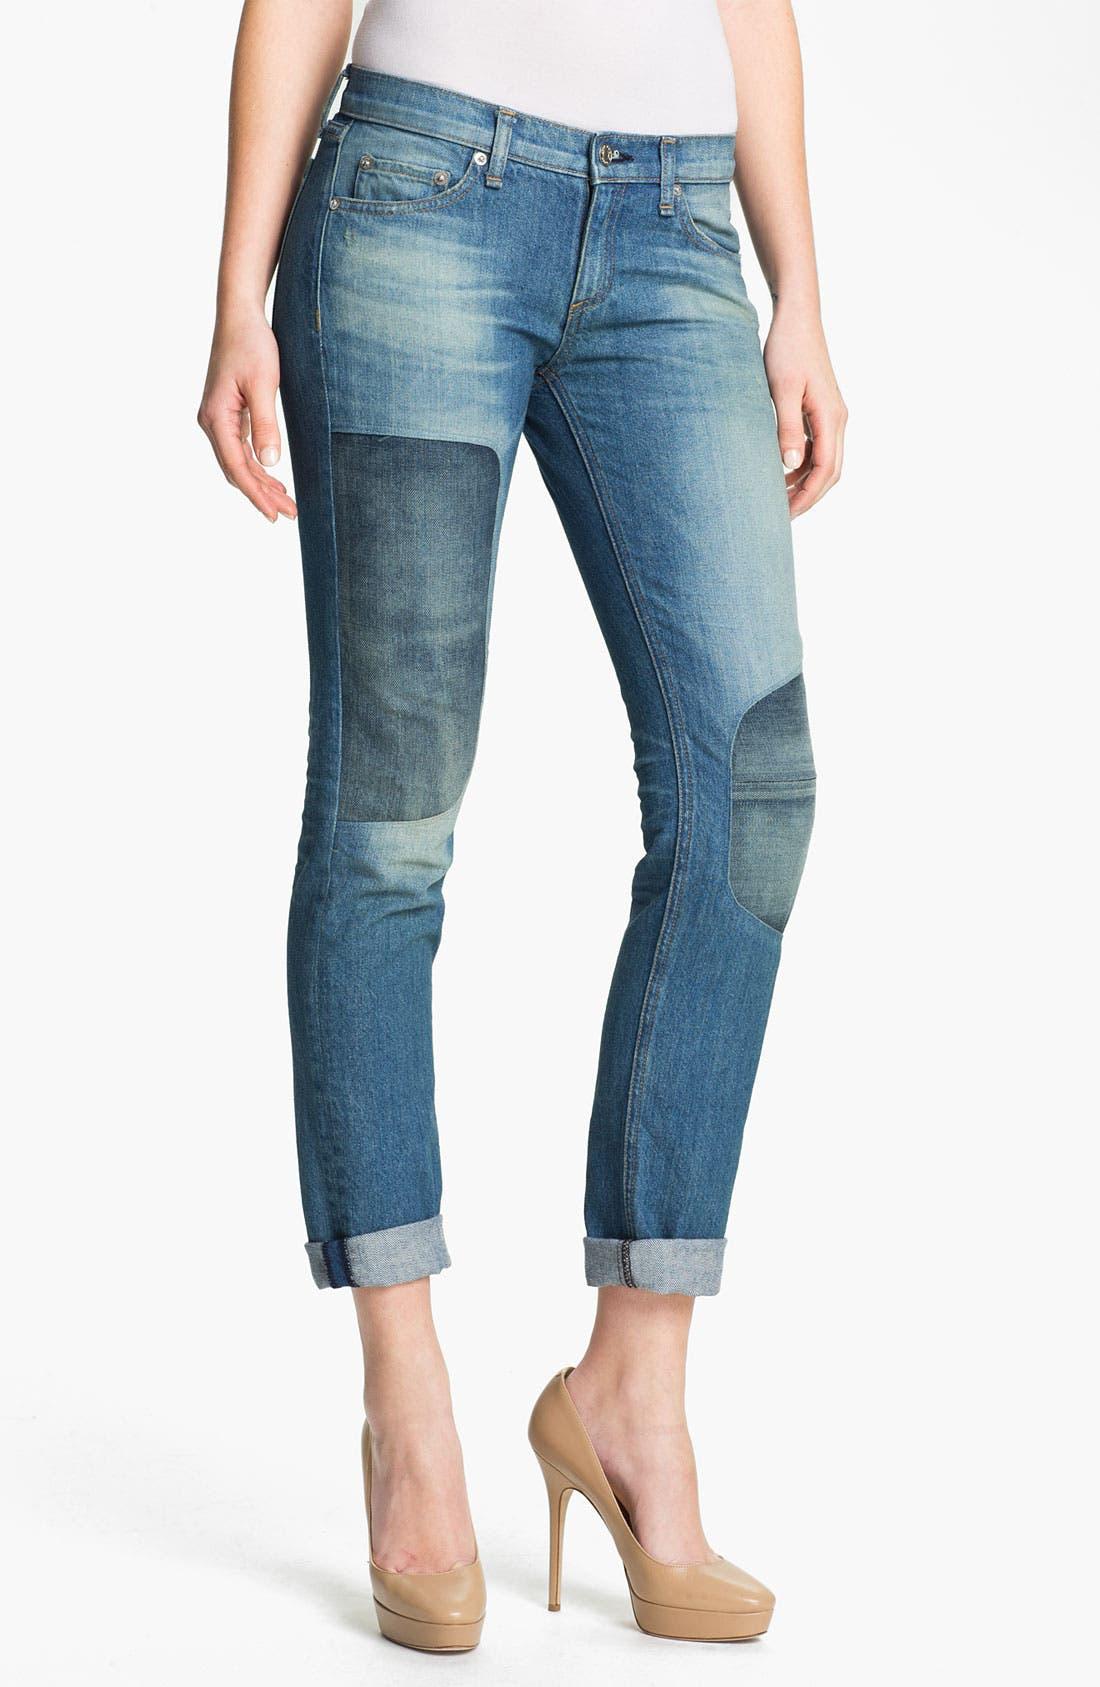 Main Image - rag & bone/JEAN 'The Dre' Patch Detail Rigid Jeans